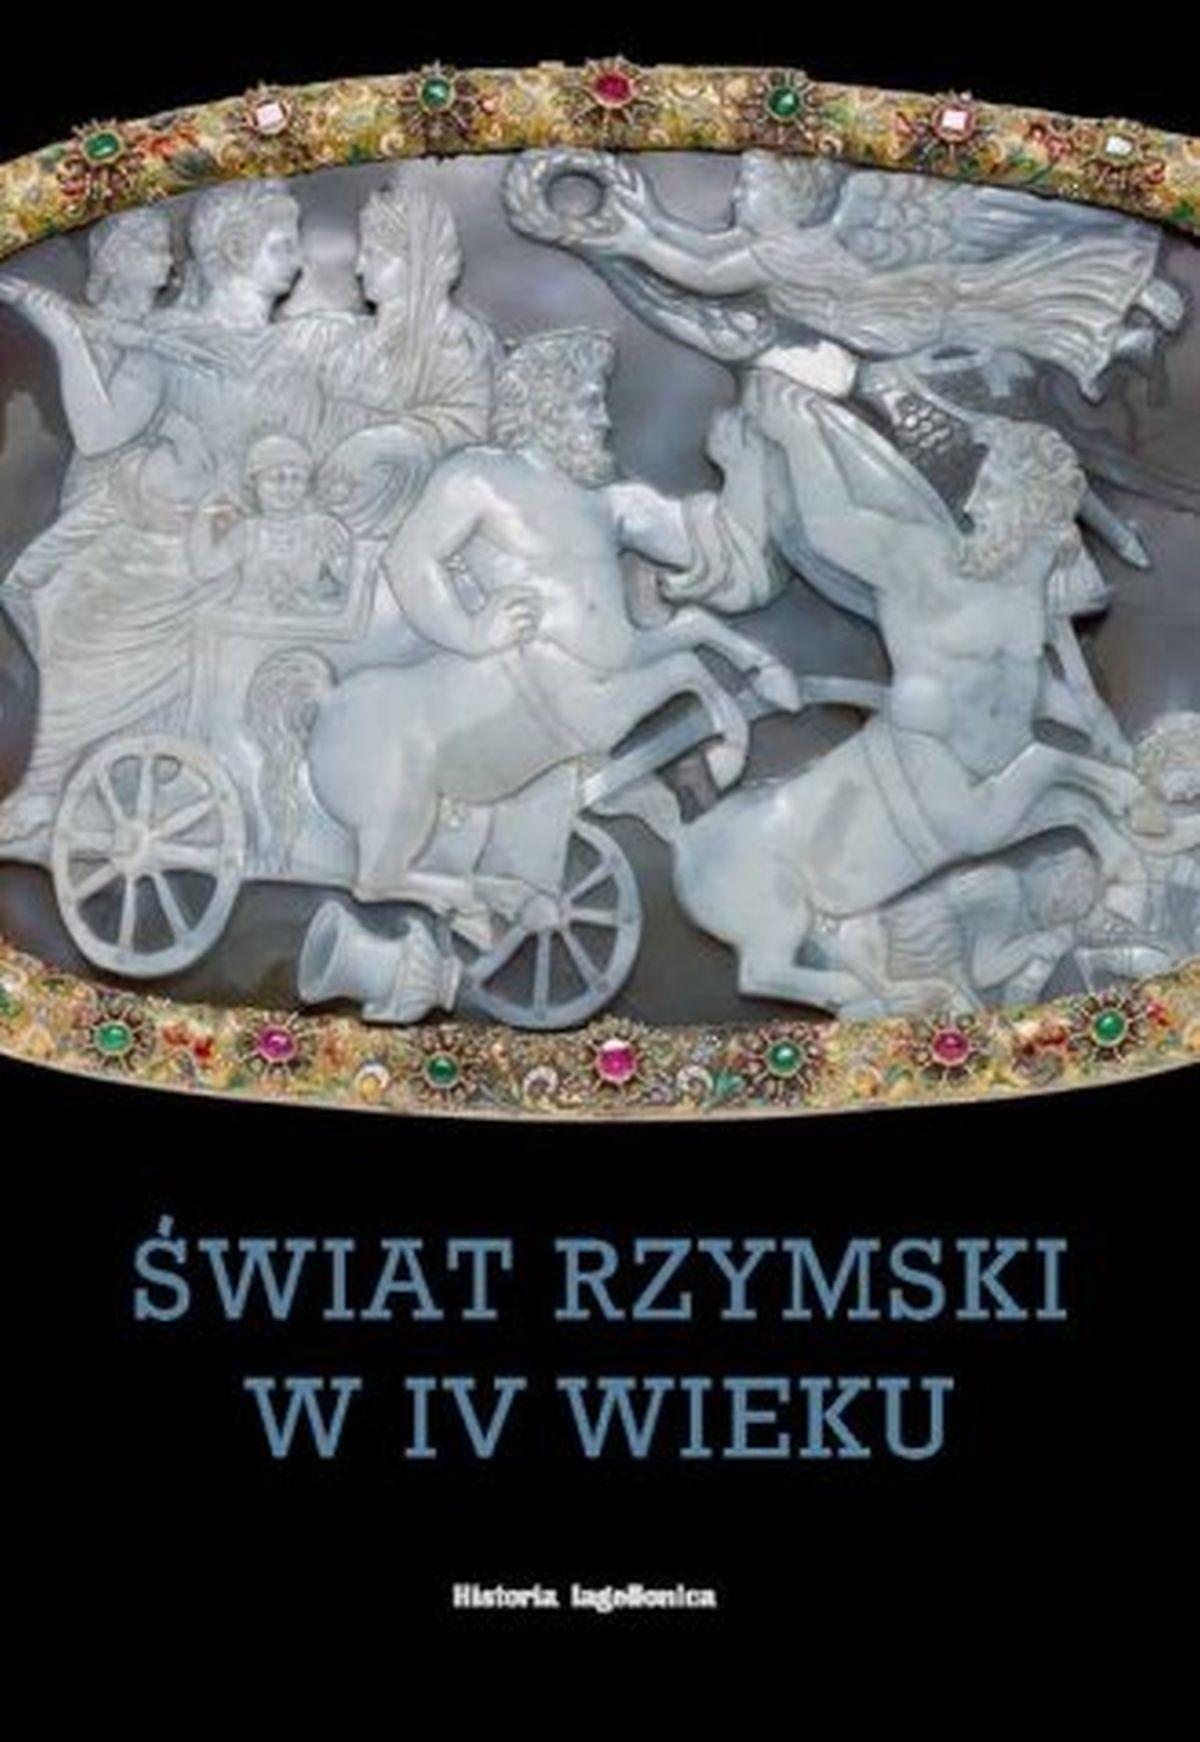 Świat rzymski w IV wieku